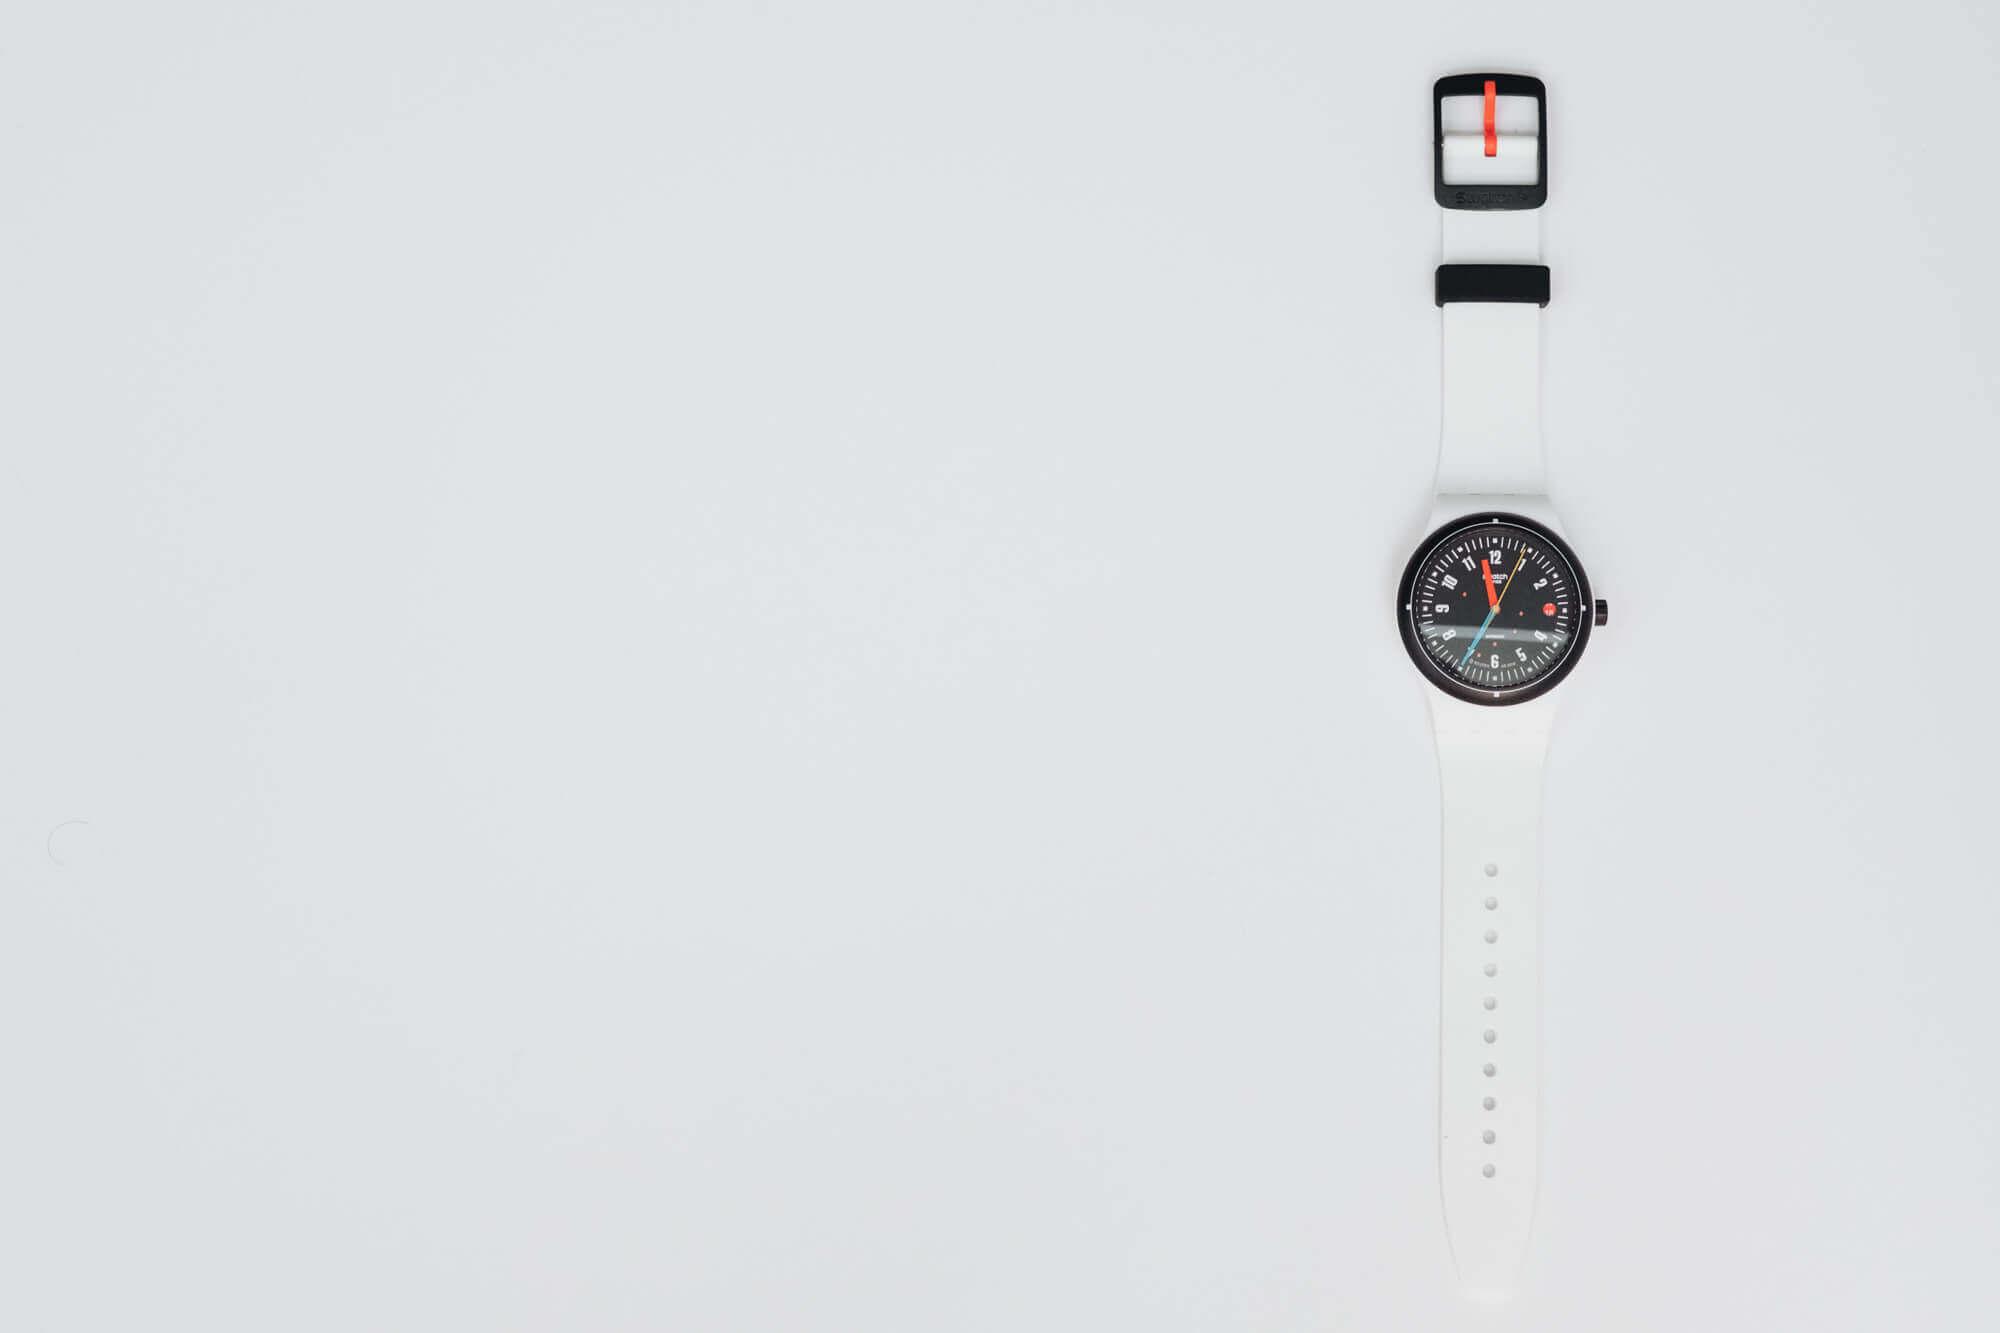 Swatch Sistem Bau Watch Review